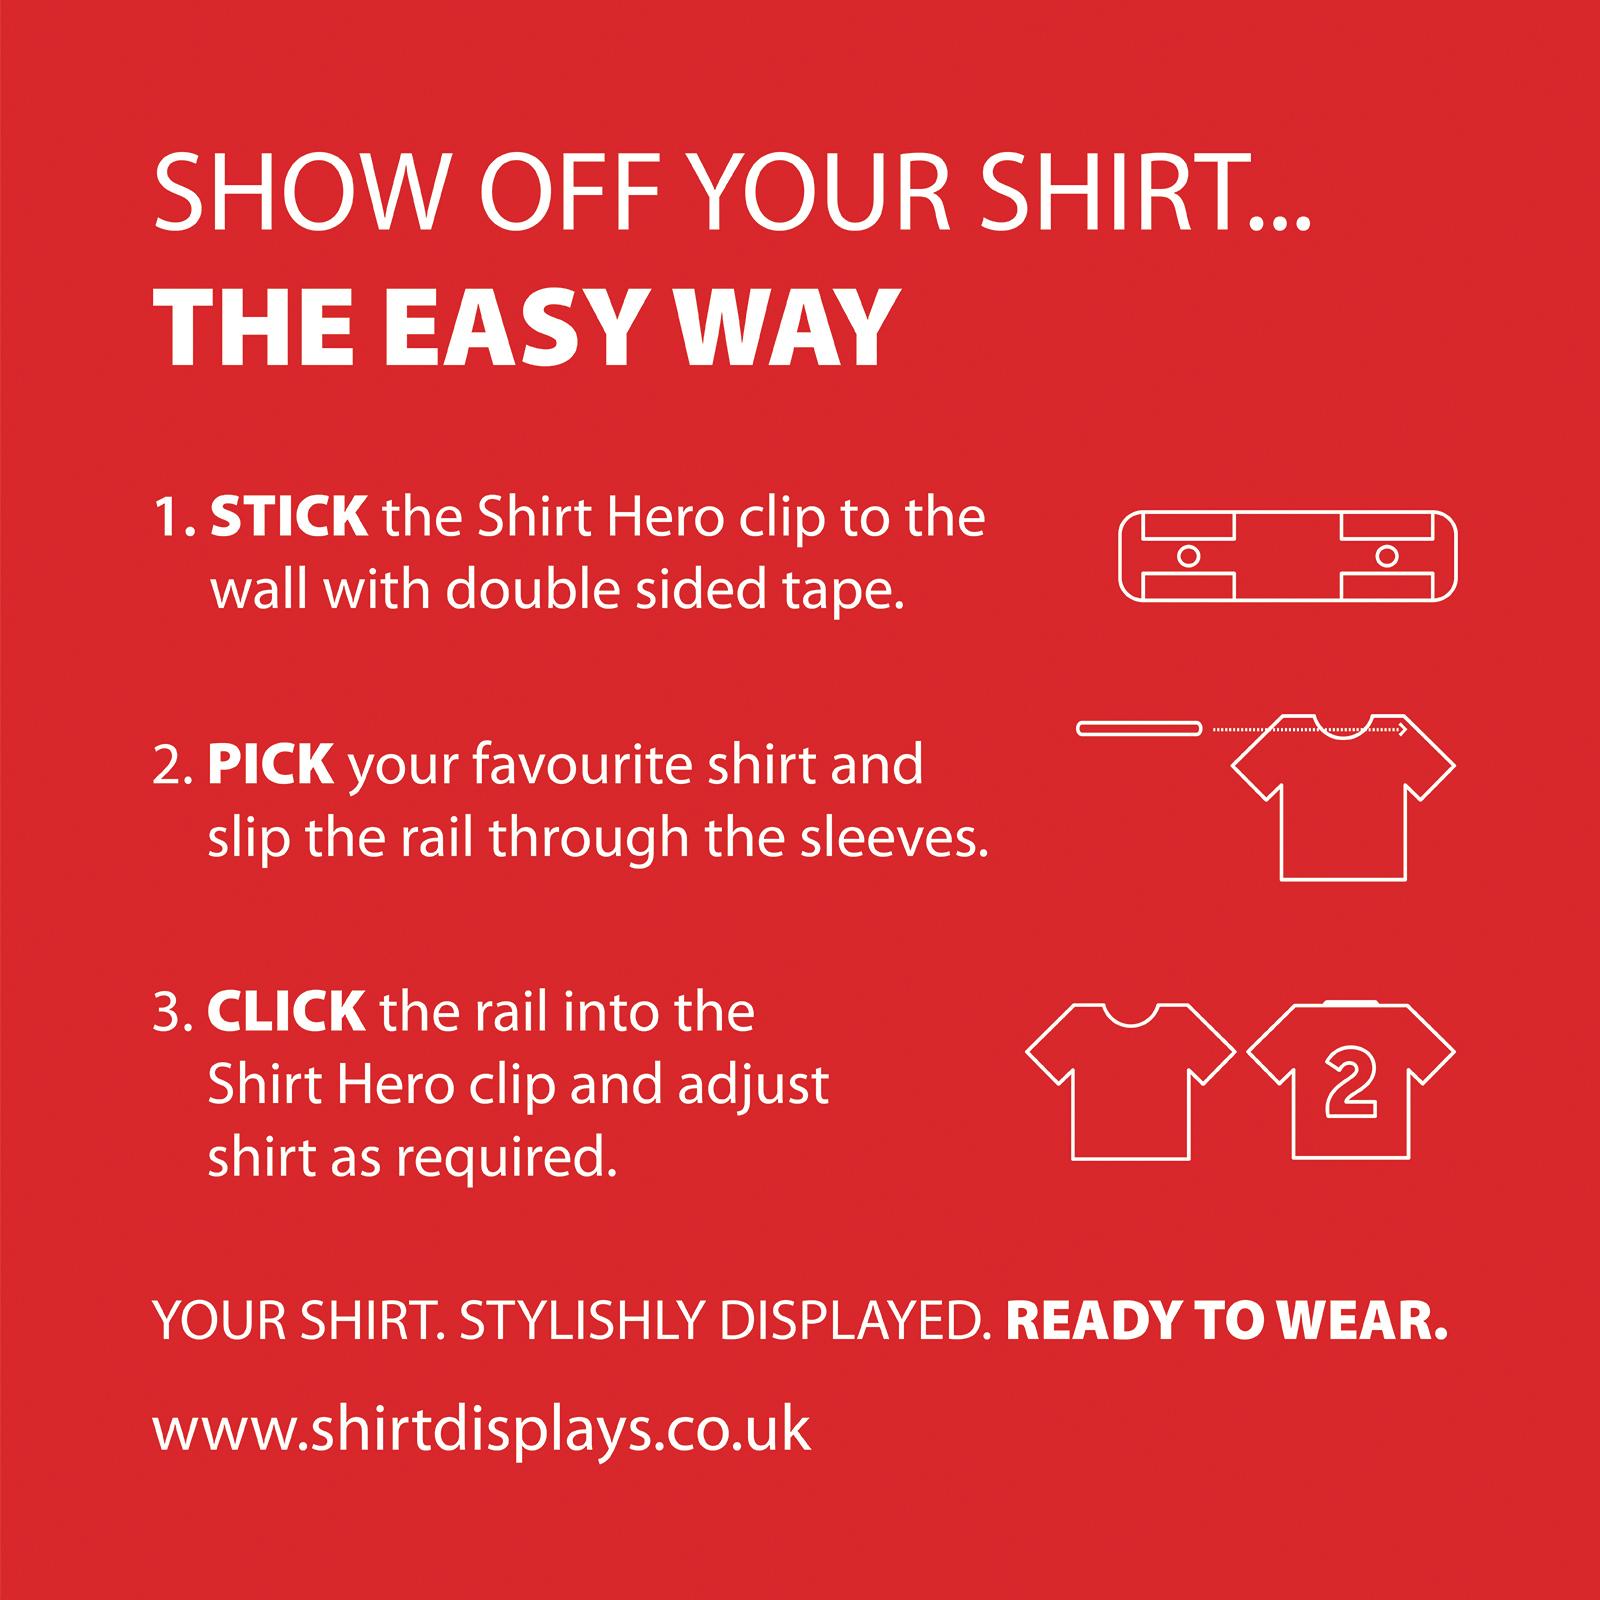 SHIRT HERO Shirt Display 3 PACK (Red & White)